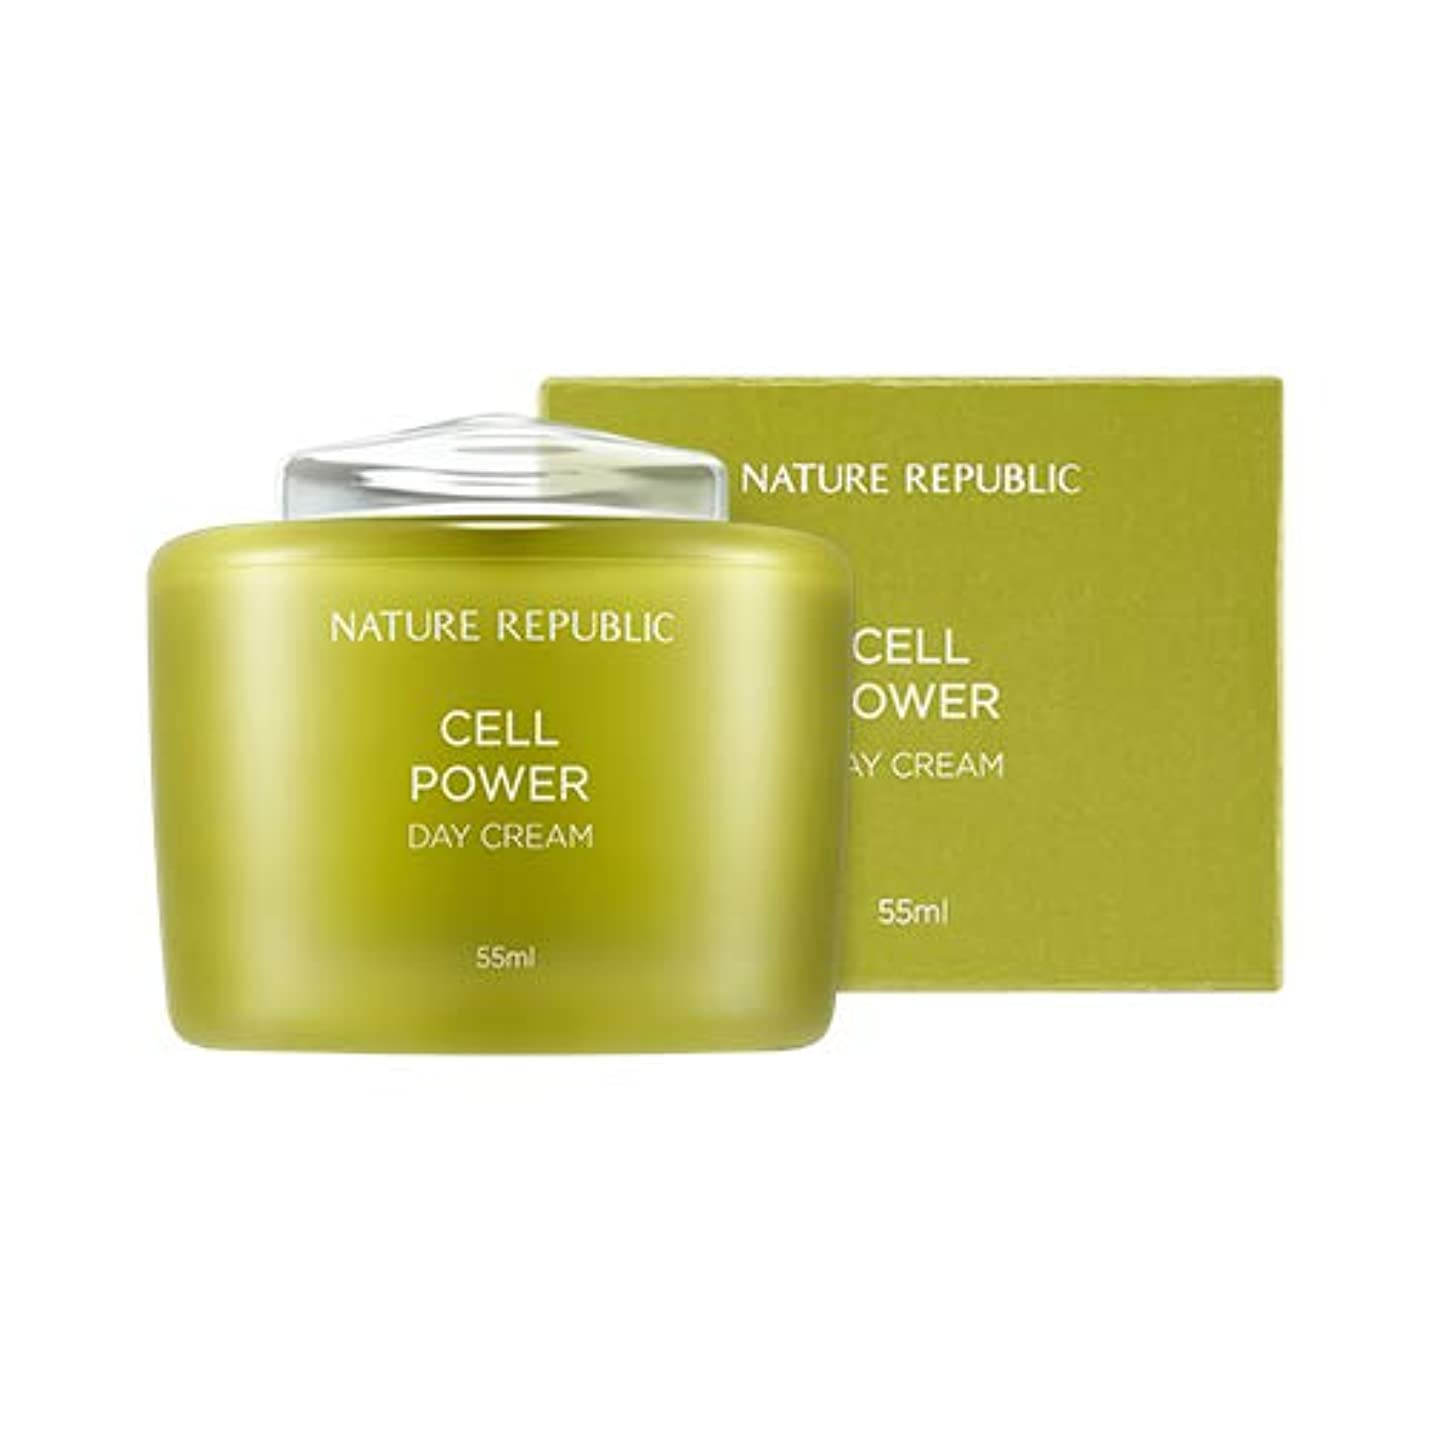 フットボール手分岐するNATURE REPUBLIC Cell Power Day Cream/ネイチャーリパブリック セルパワー デイクリーム 55ml [並行輸入品]